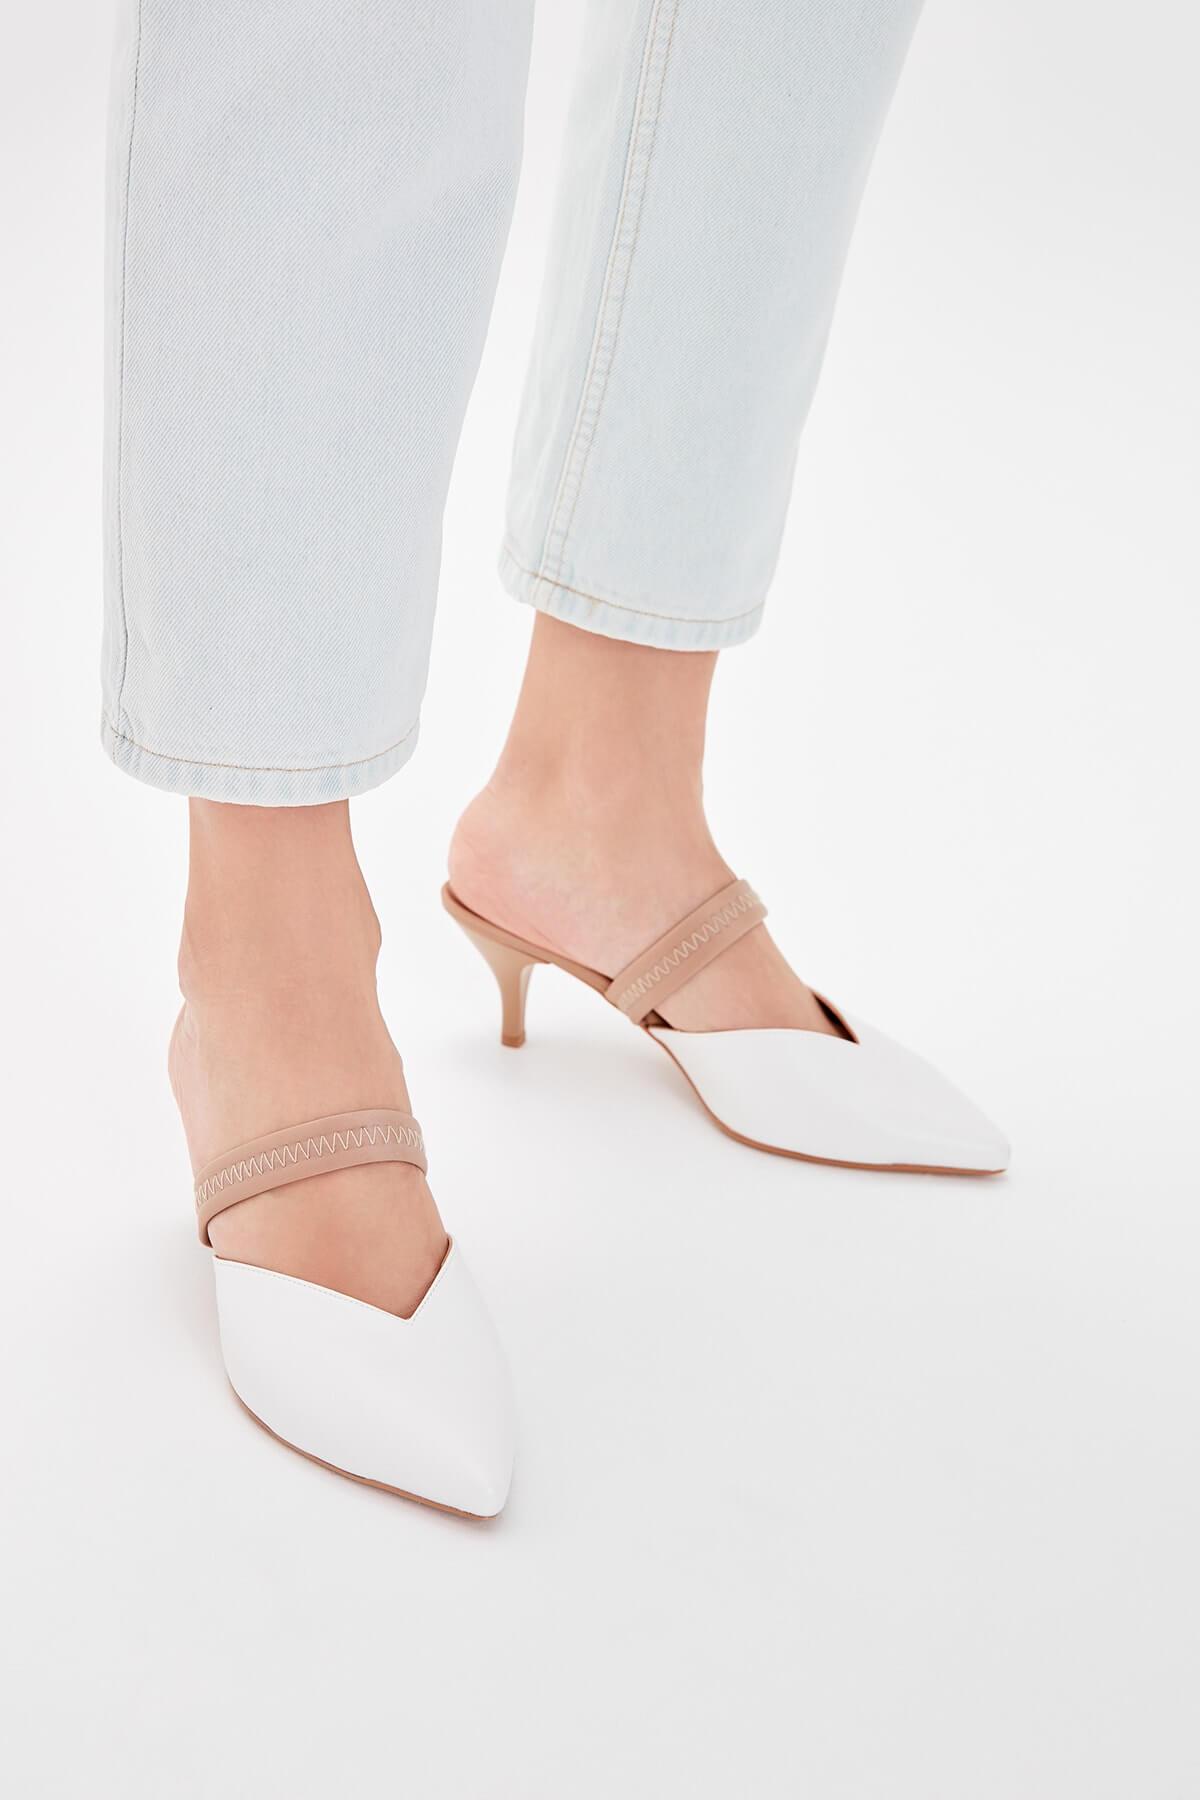 trendyol topuklu ayakkabı kısa topuklu ayakkabı